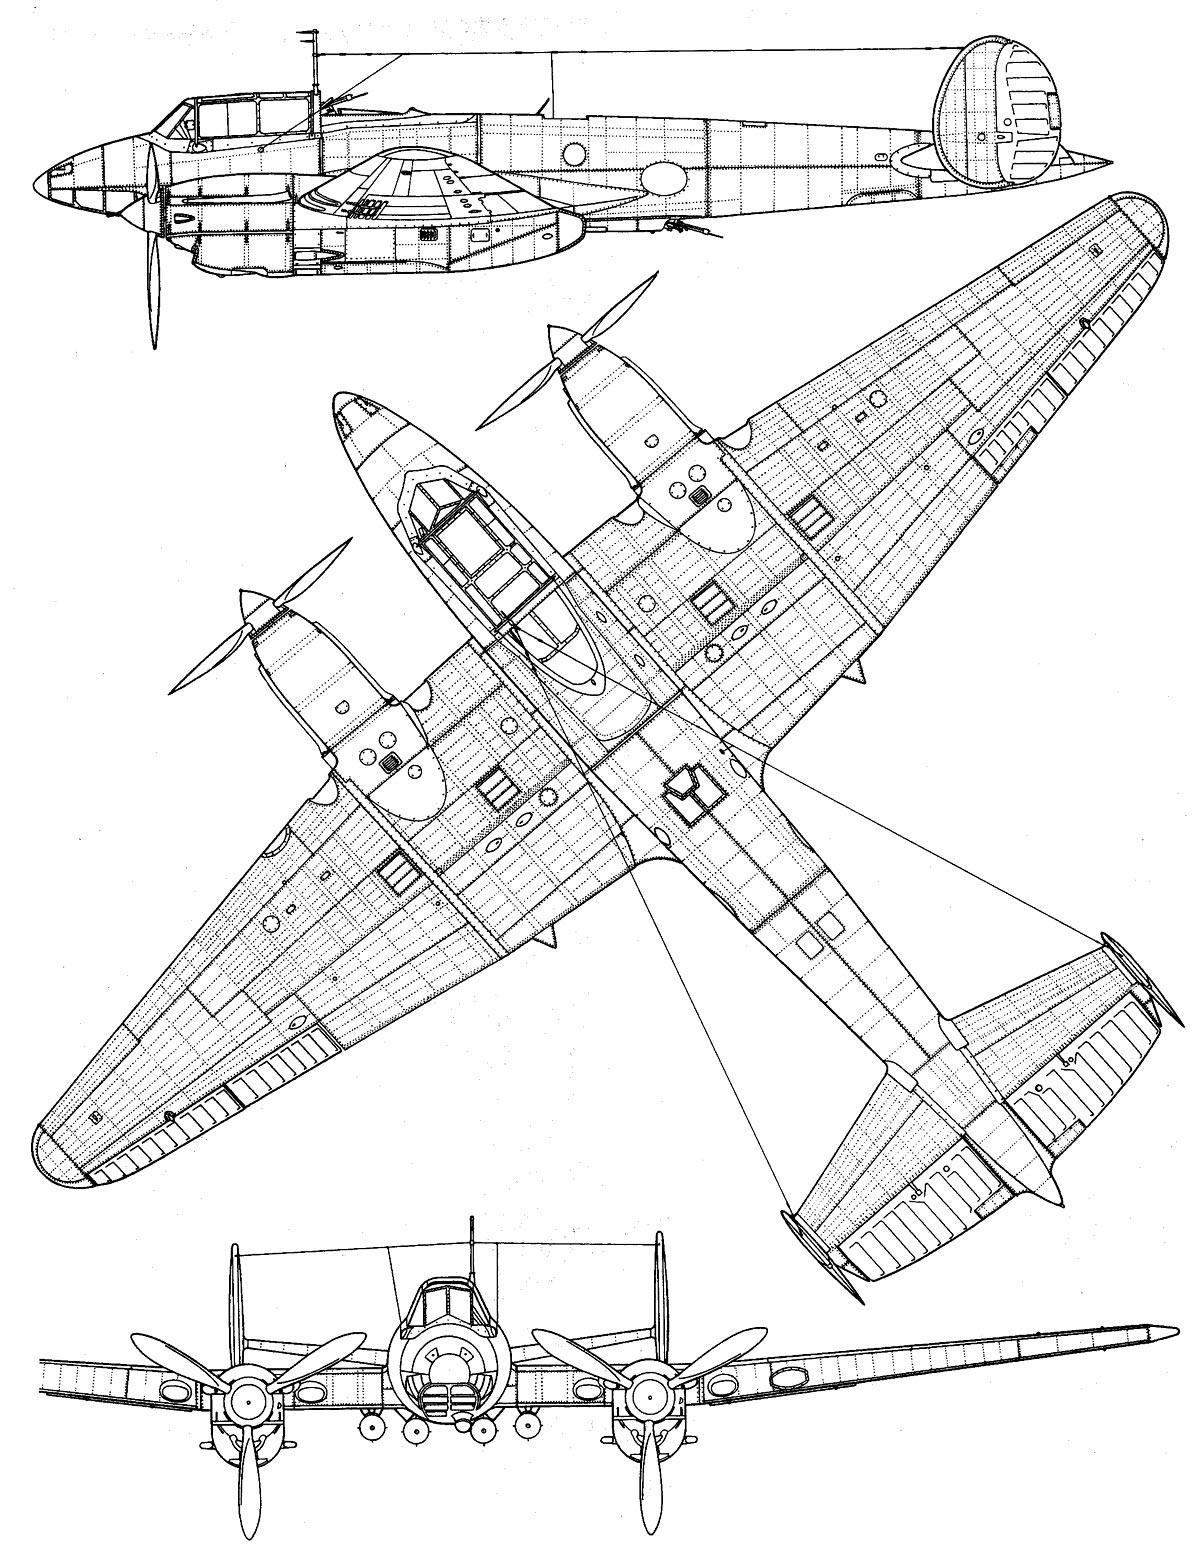 Чертеж пикирующего бомбардировщика Пе-2